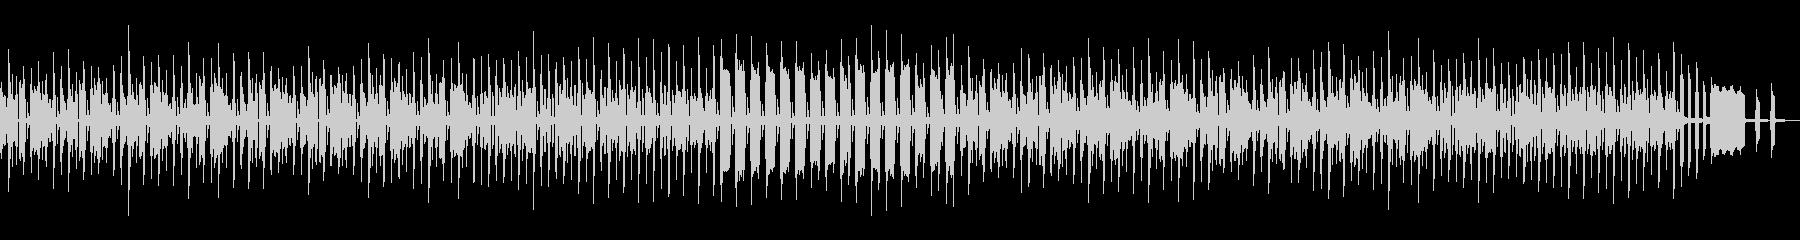 もちもちと歩く様な可愛いBGMの未再生の波形